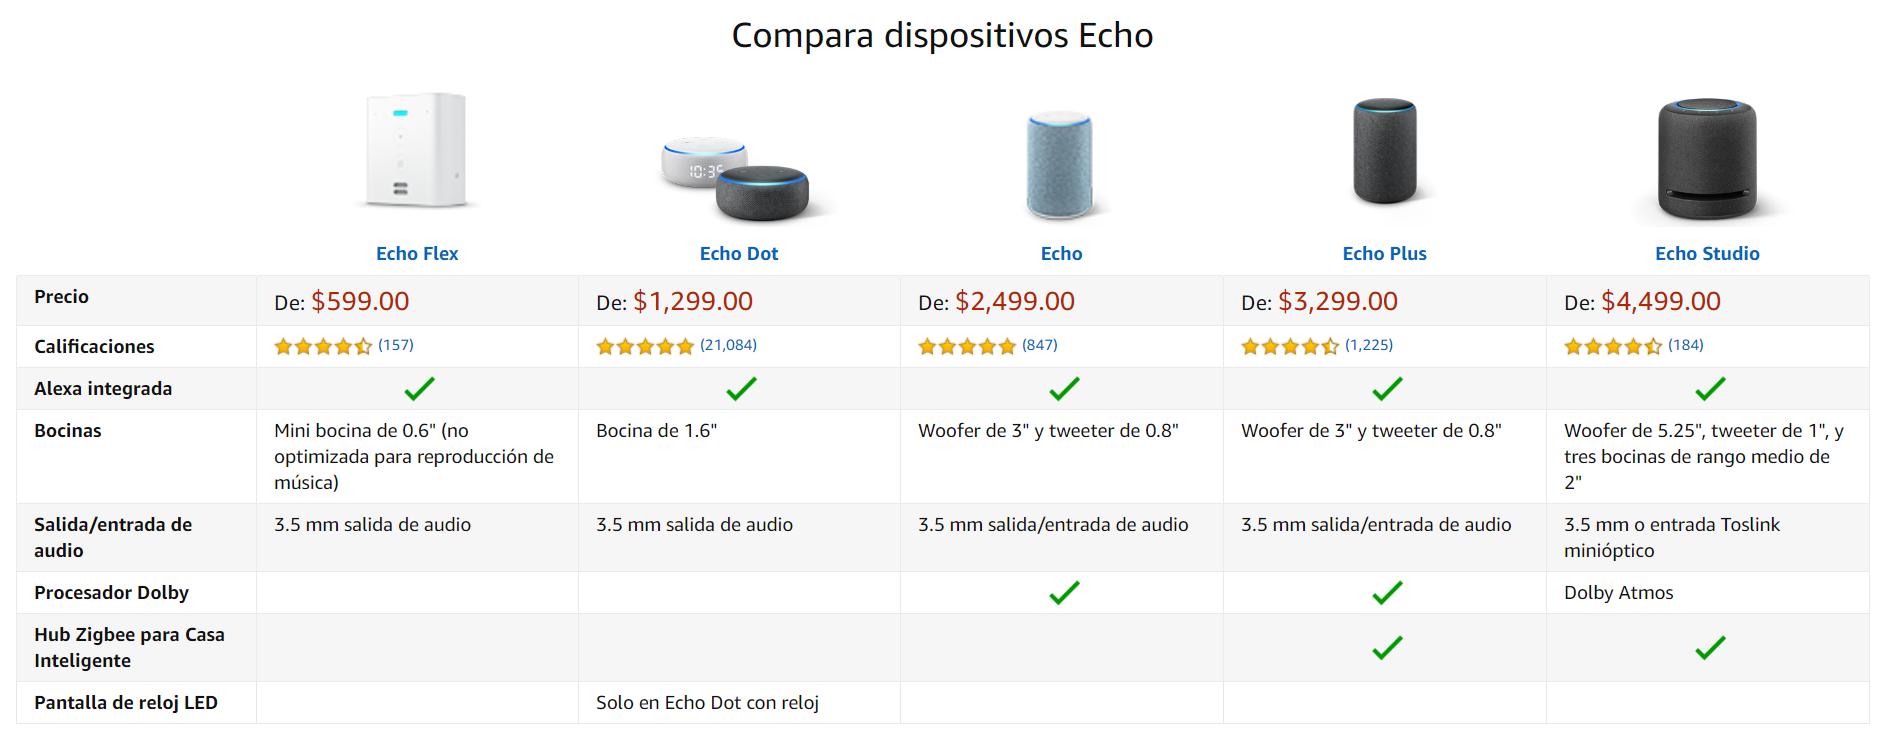 Imagen que muestra comparativa de productos de Echo